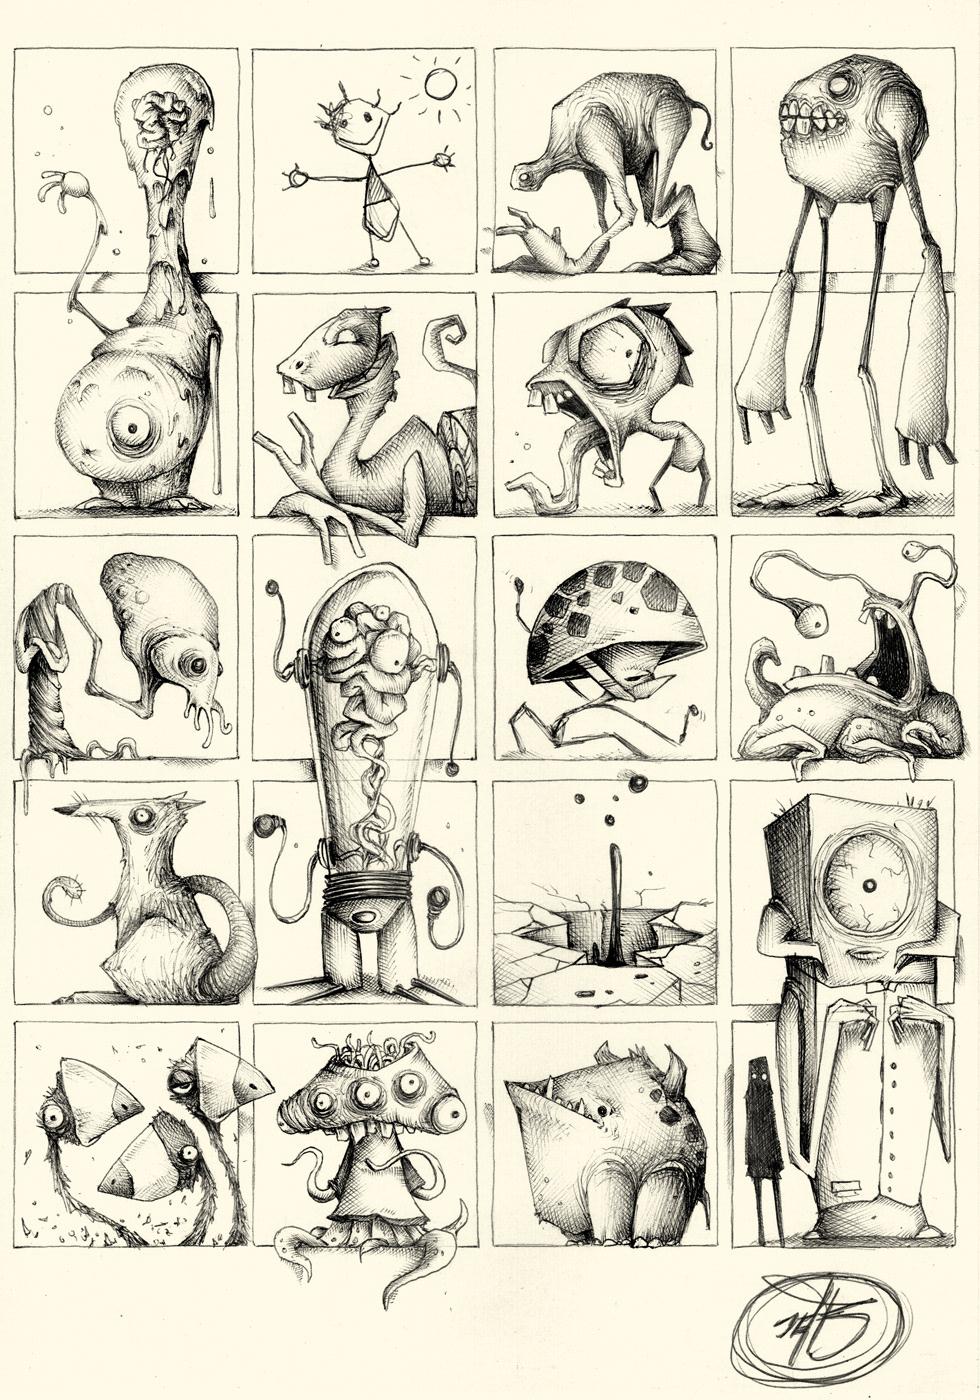 pocket monster ballpoint pen sketch concept art black & white